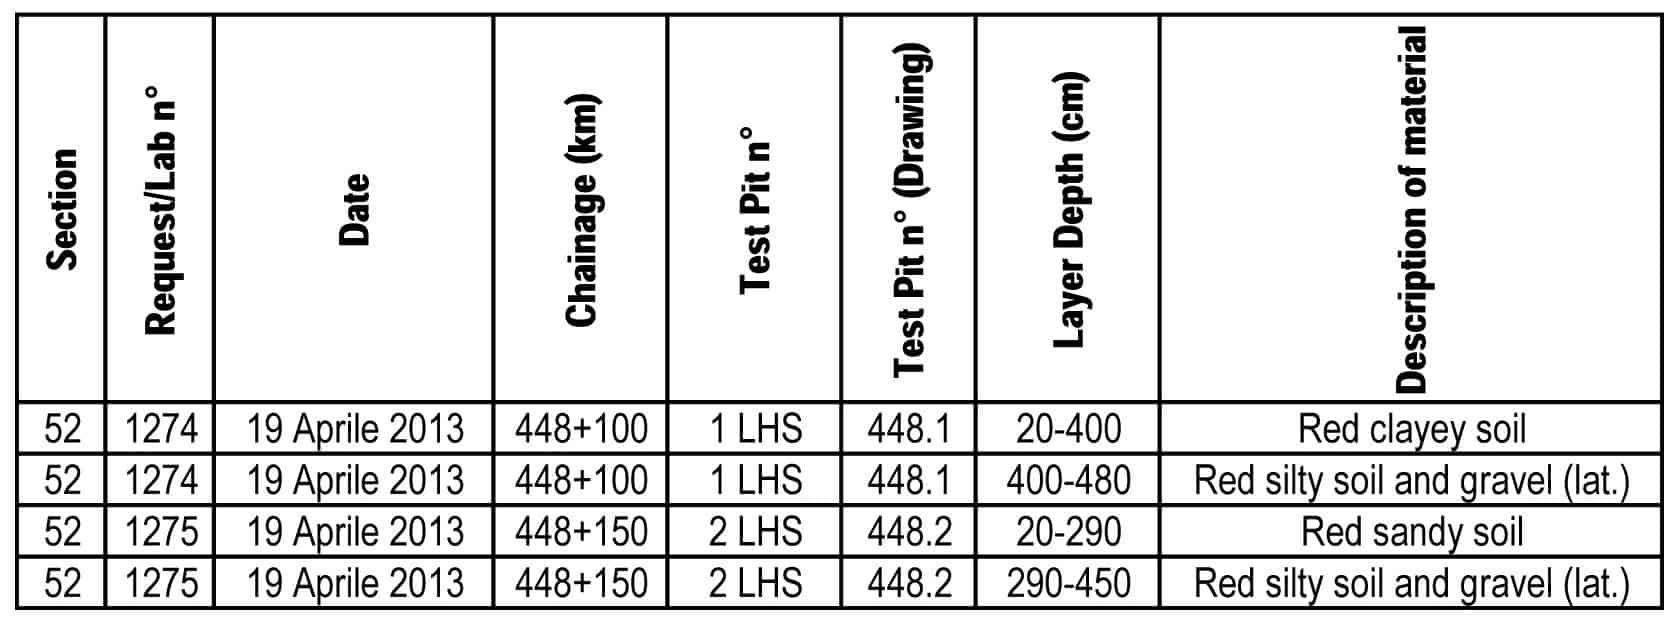 La proprietà dei materiali e la stima delle quantità presenti nelle potenziali cave di prestito lungo il tratto compreso tra Balama e Ruaca